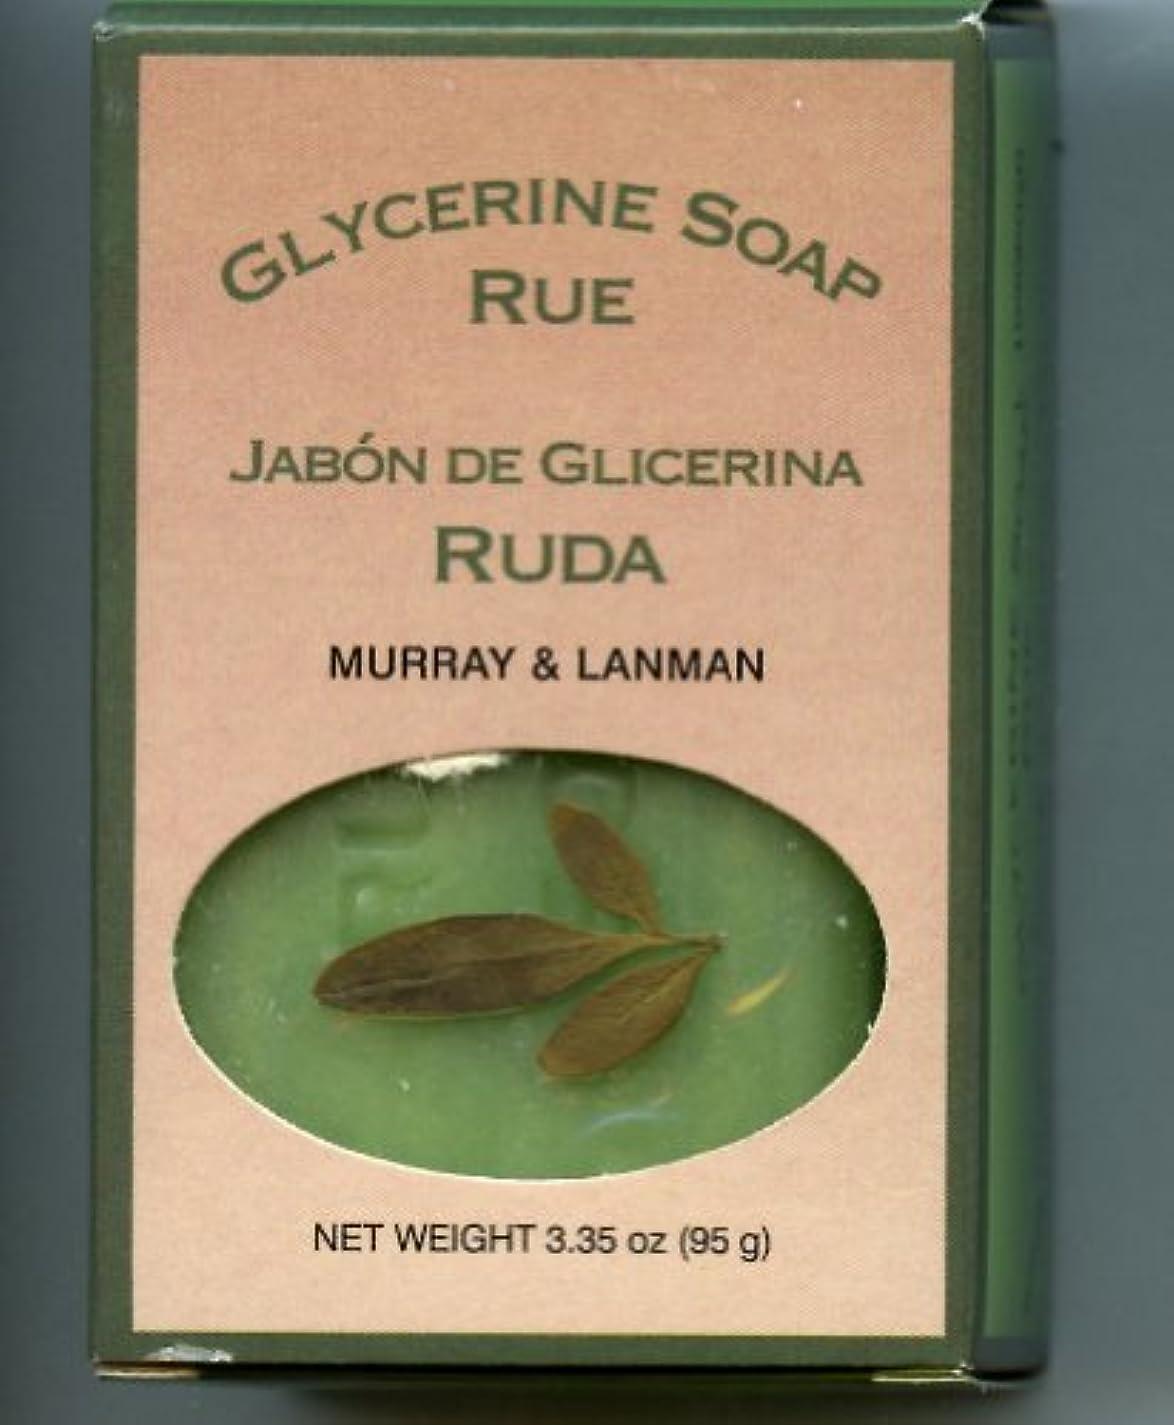 十純粋な凍ったMurray & Lanman グリセリンソープルー[すべての封印されました]